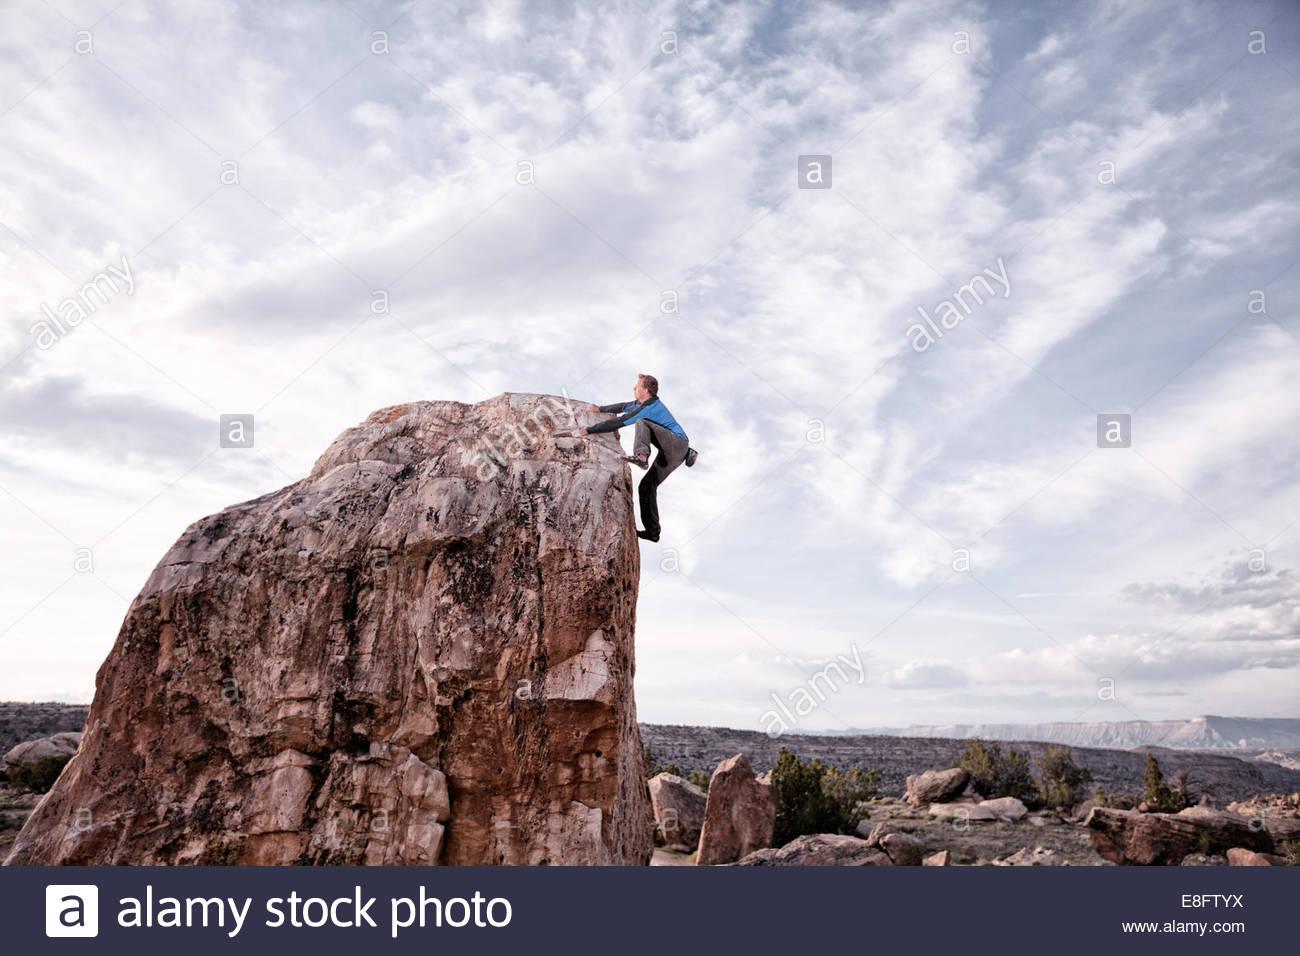 Hombre, escalada en roca, Colorado, Estados Unidos, EE.UU. Imagen De Stock